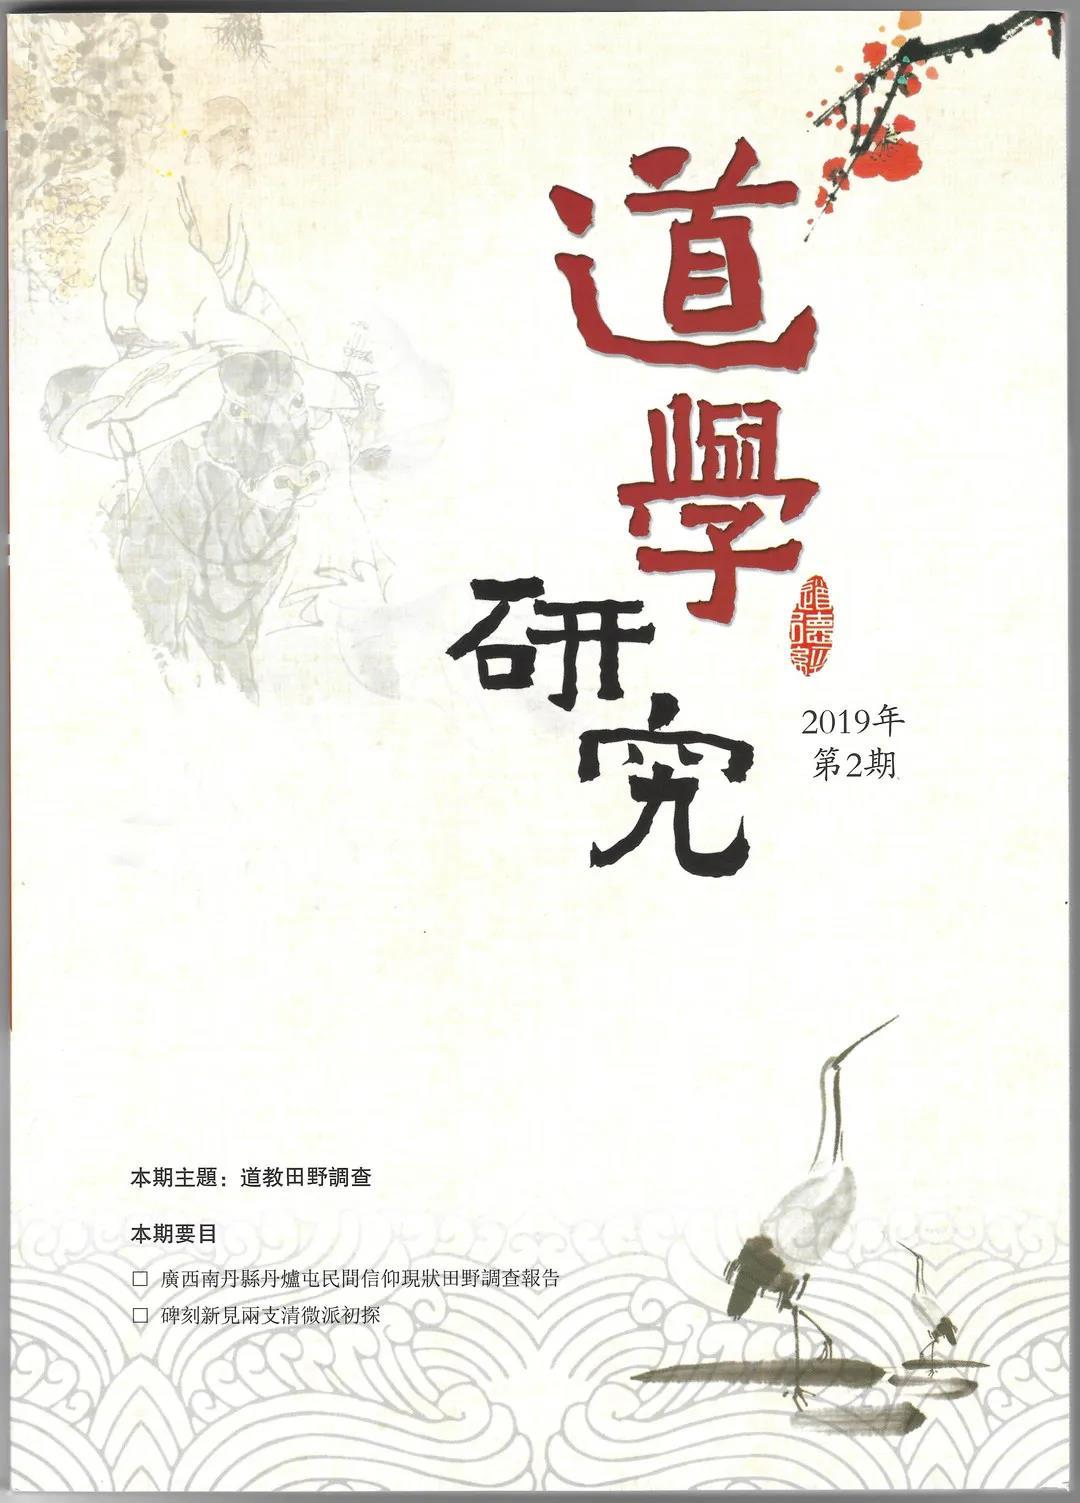 道教期刊:《道學研究》第34期目錄